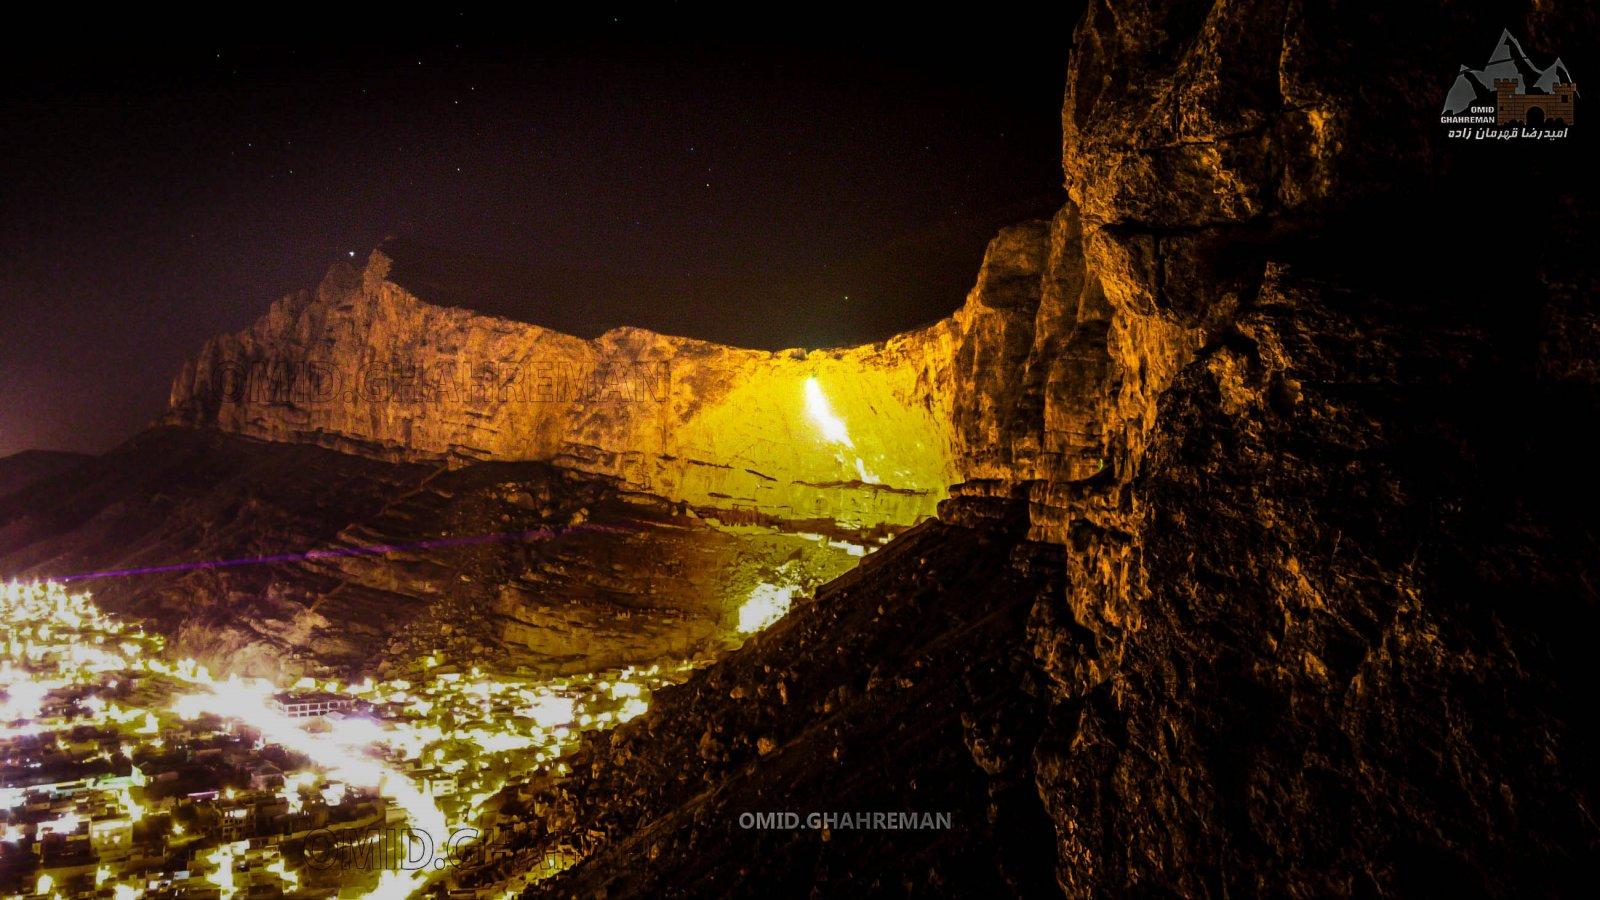 شب های دیواره سنگی قیه ماکو